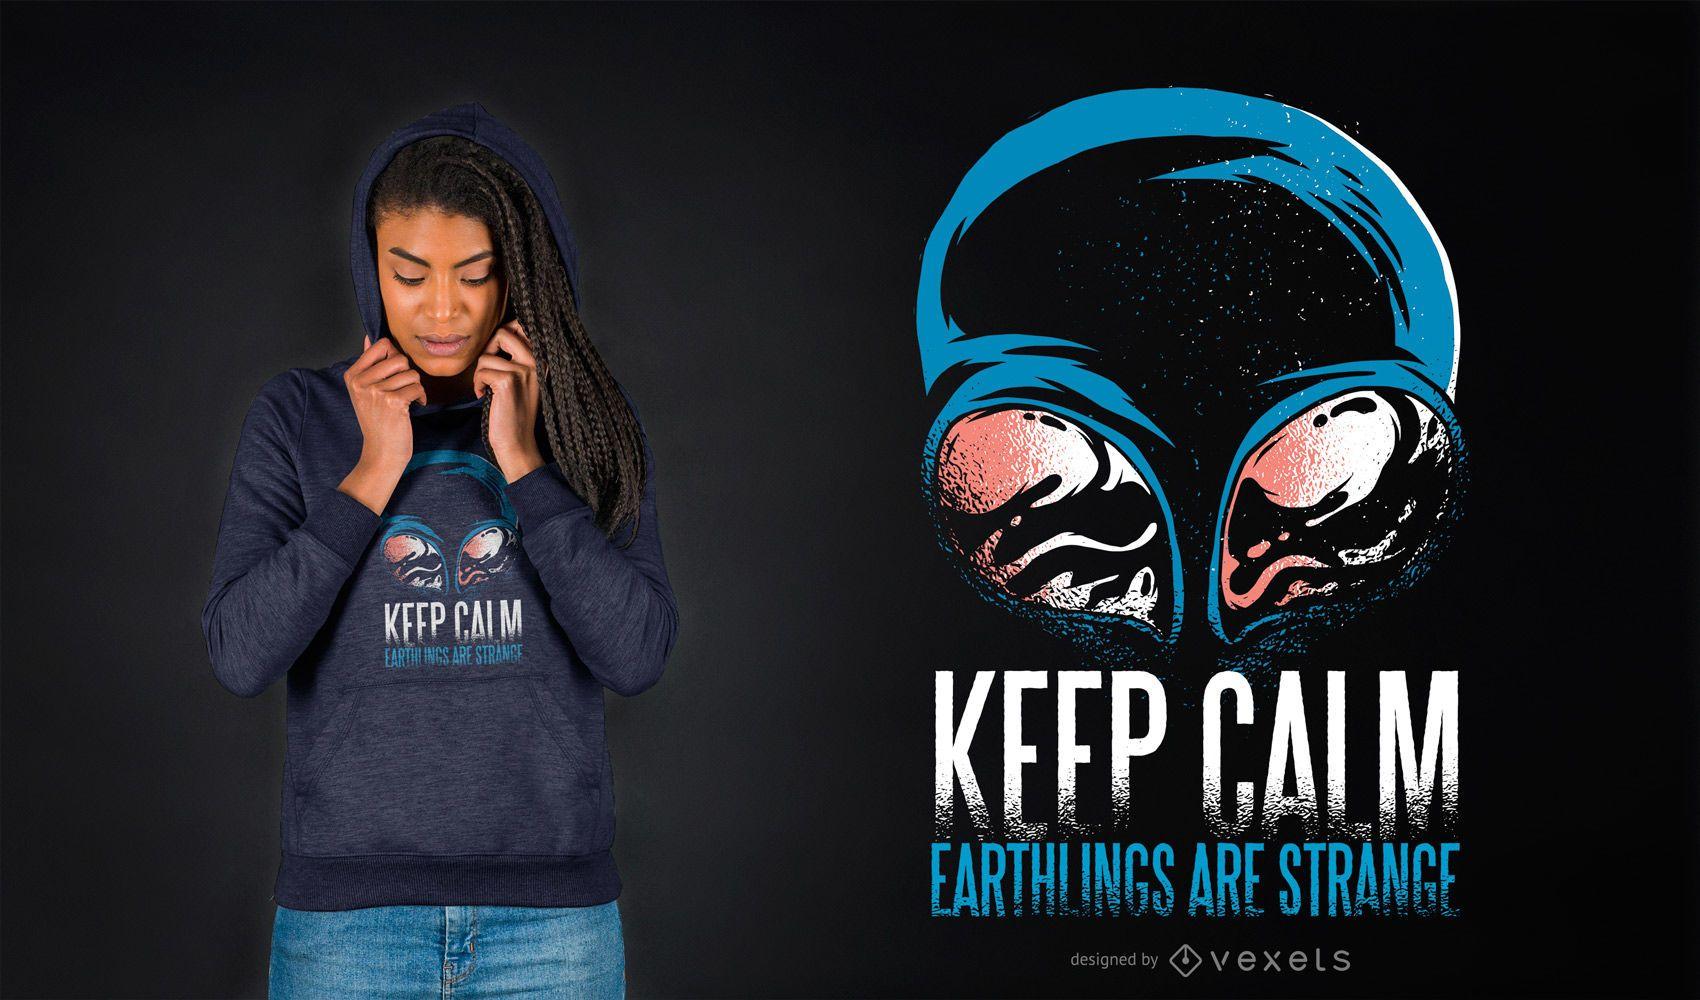 Mantener la calma diseño de camiseta alienígena